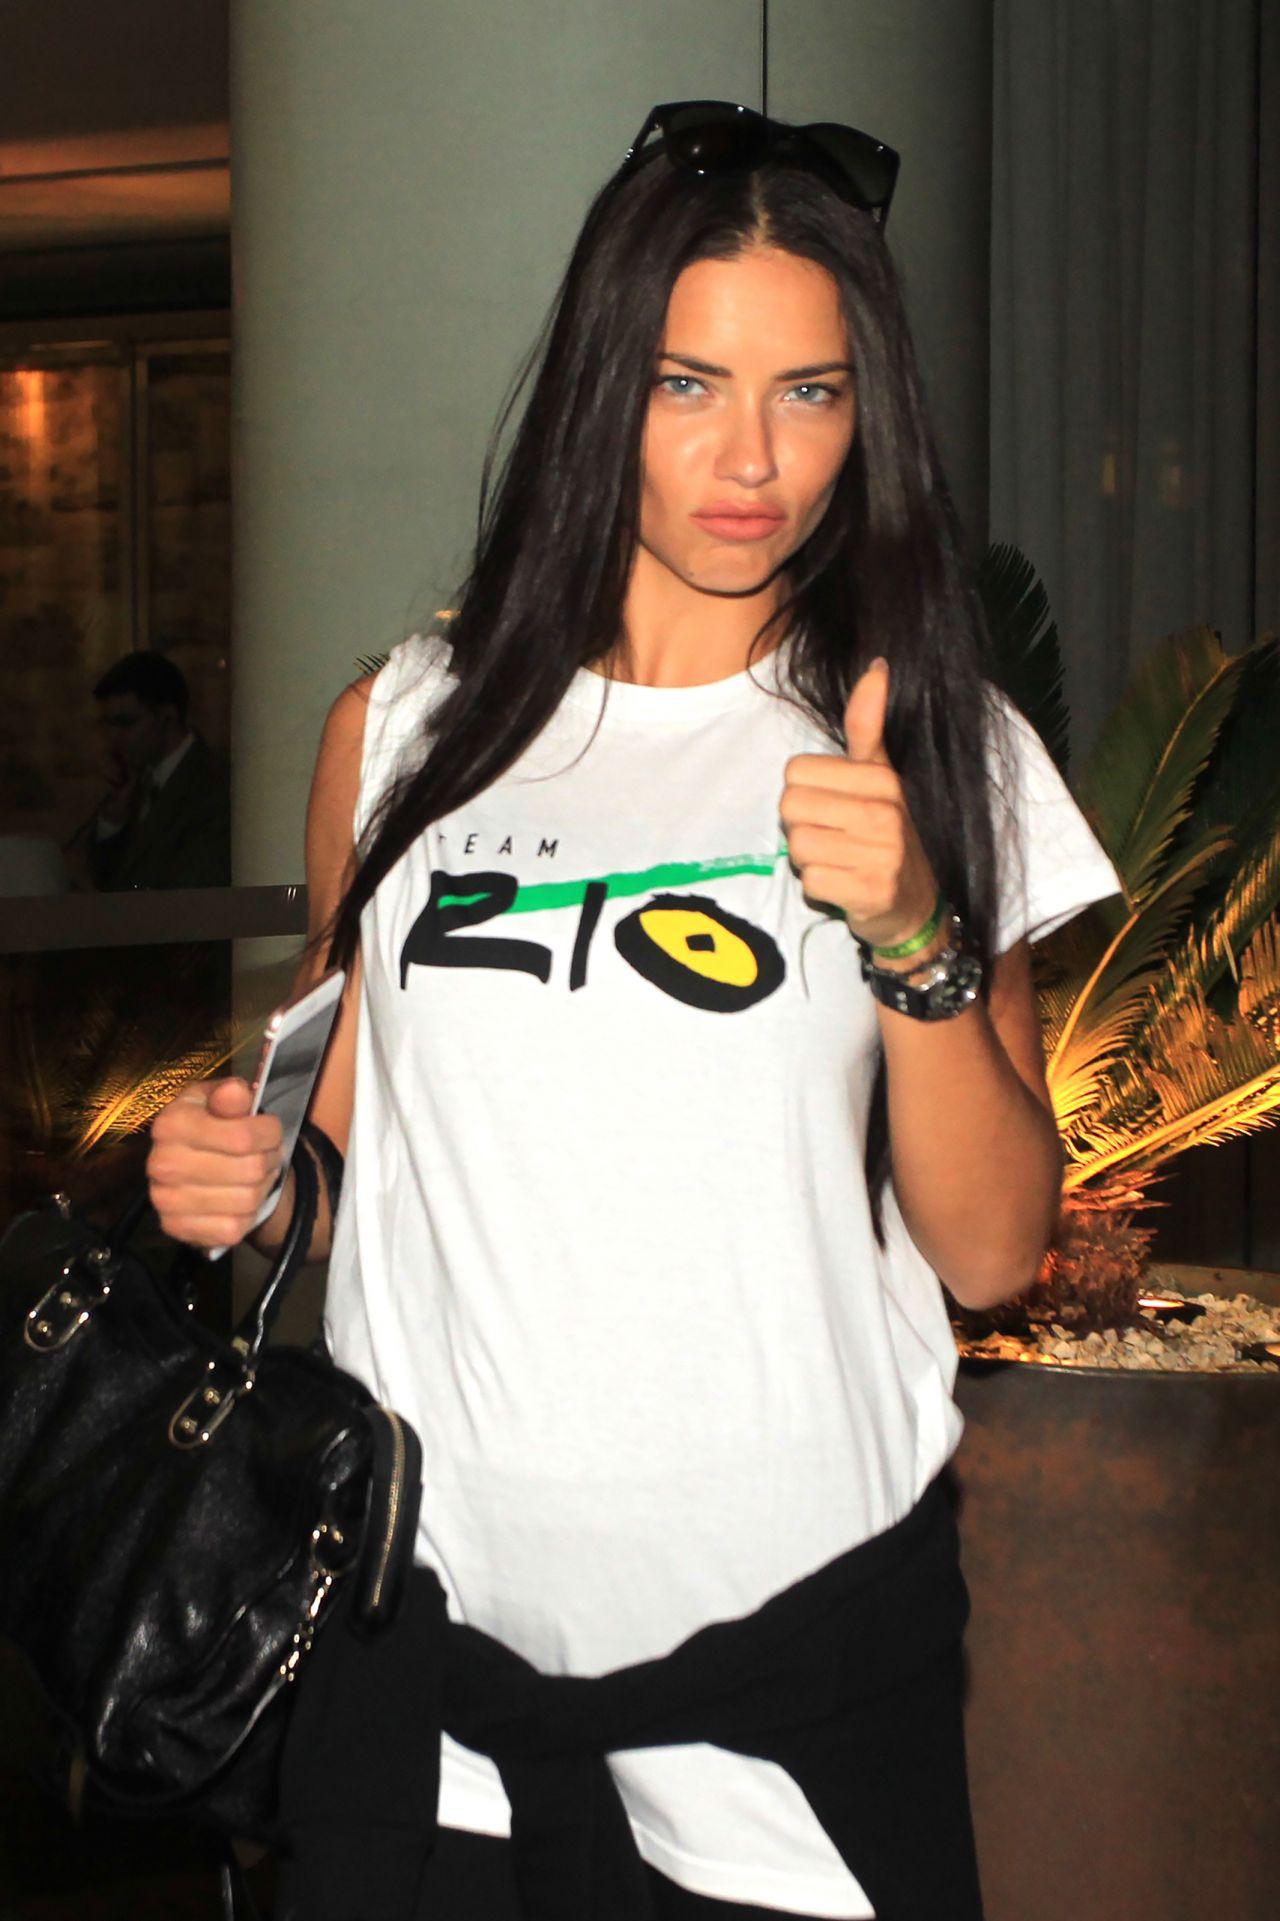 46. Adriana Lima